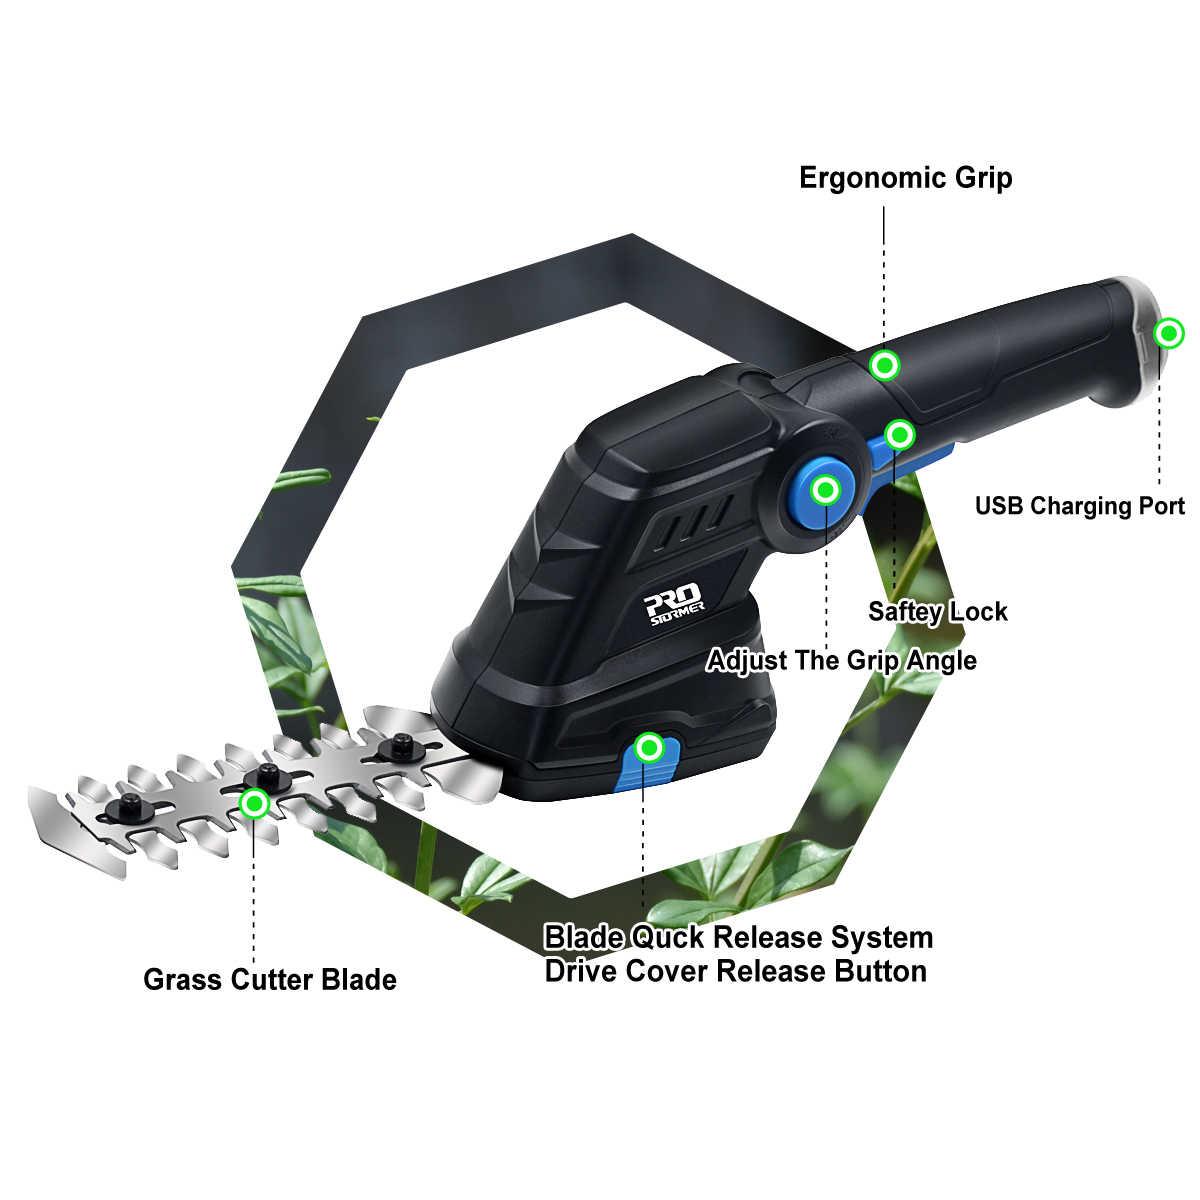 Электрический триммер для живой изгороди 2 in 1 3.6V USB беспроводной домашний триммер перезаряжаемый ножницы для прополки секатор косилка от PROSTORMER